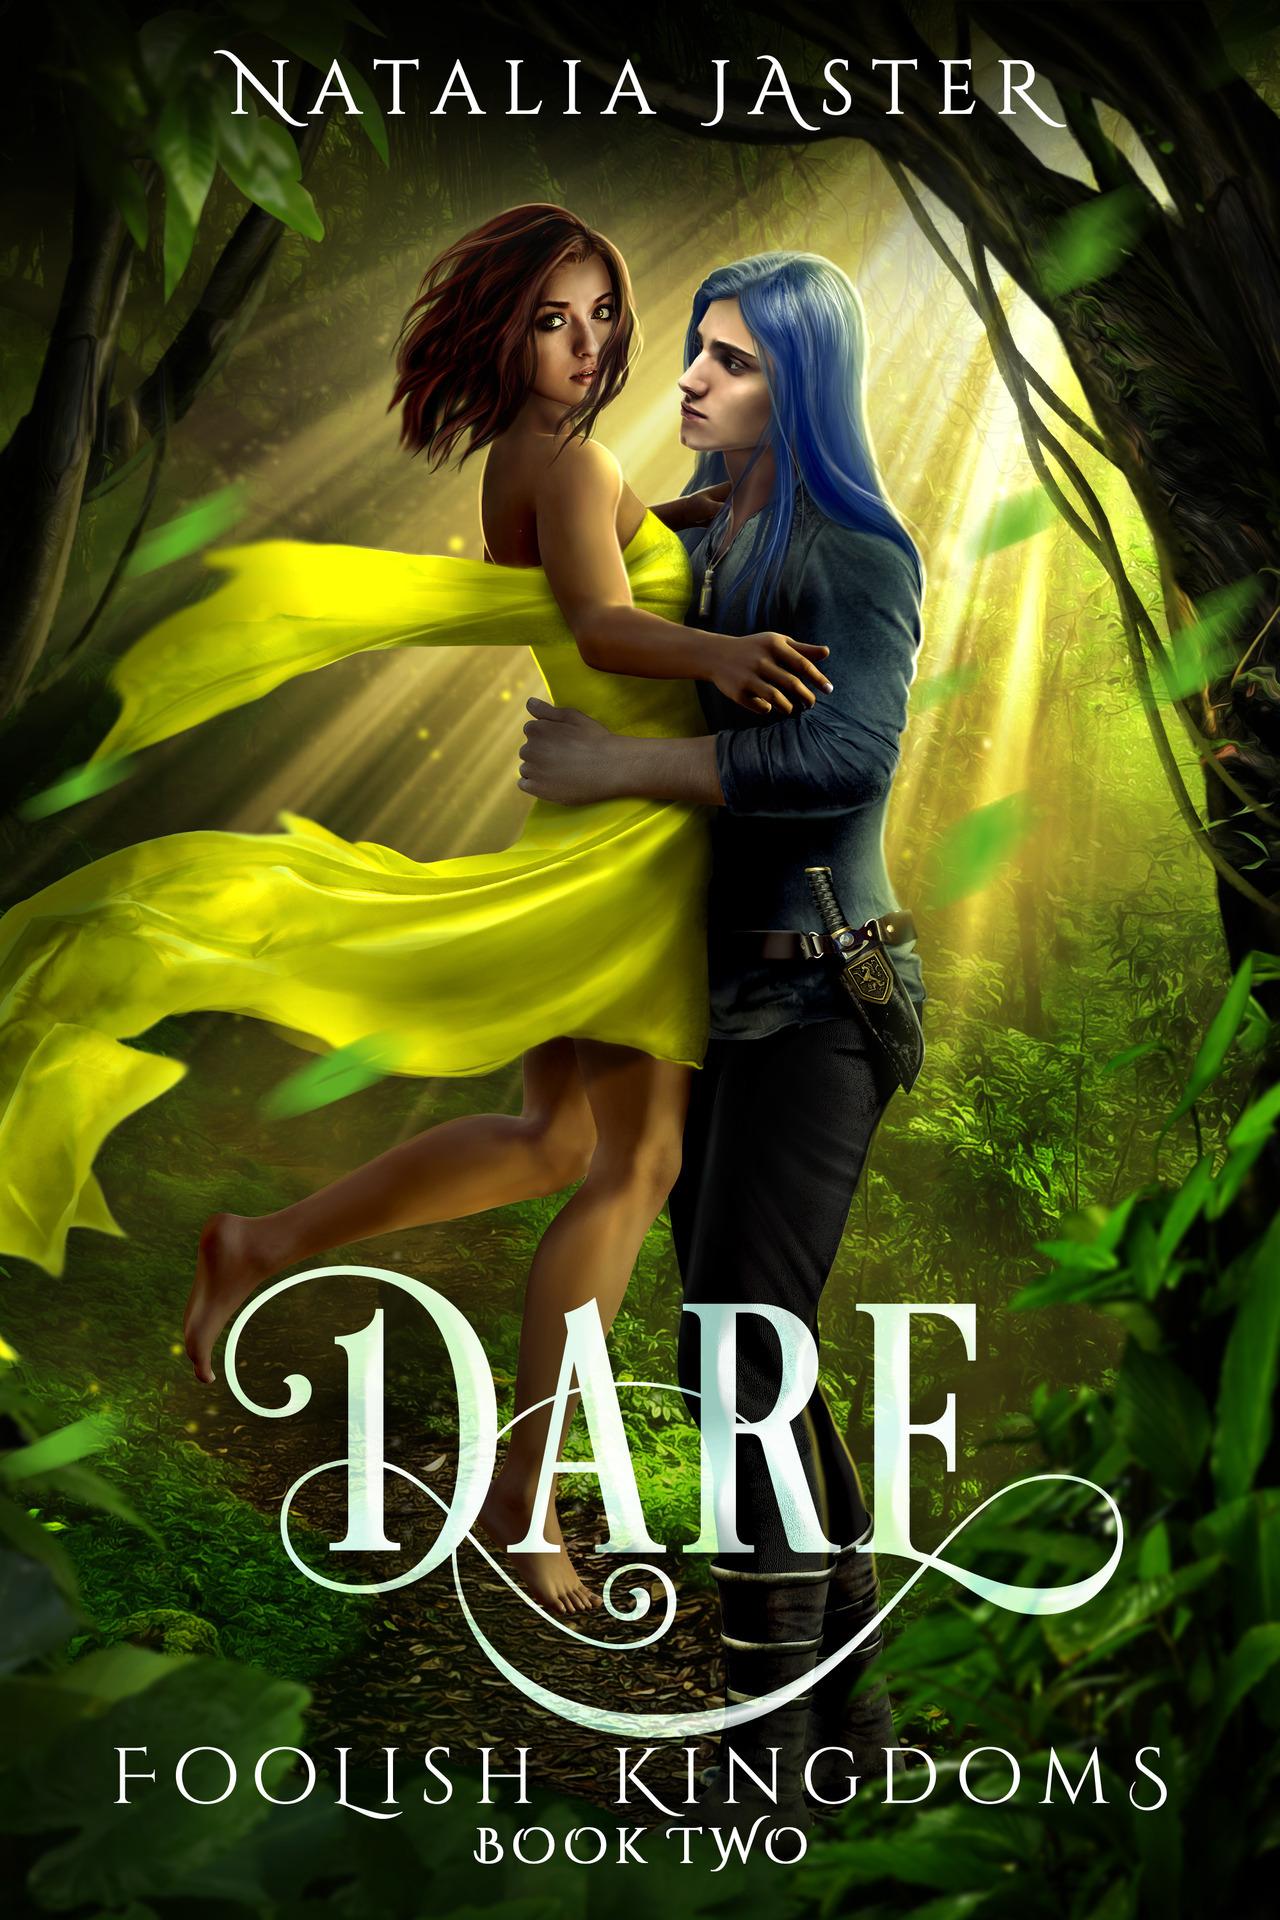 Dare by Natalia Jaster